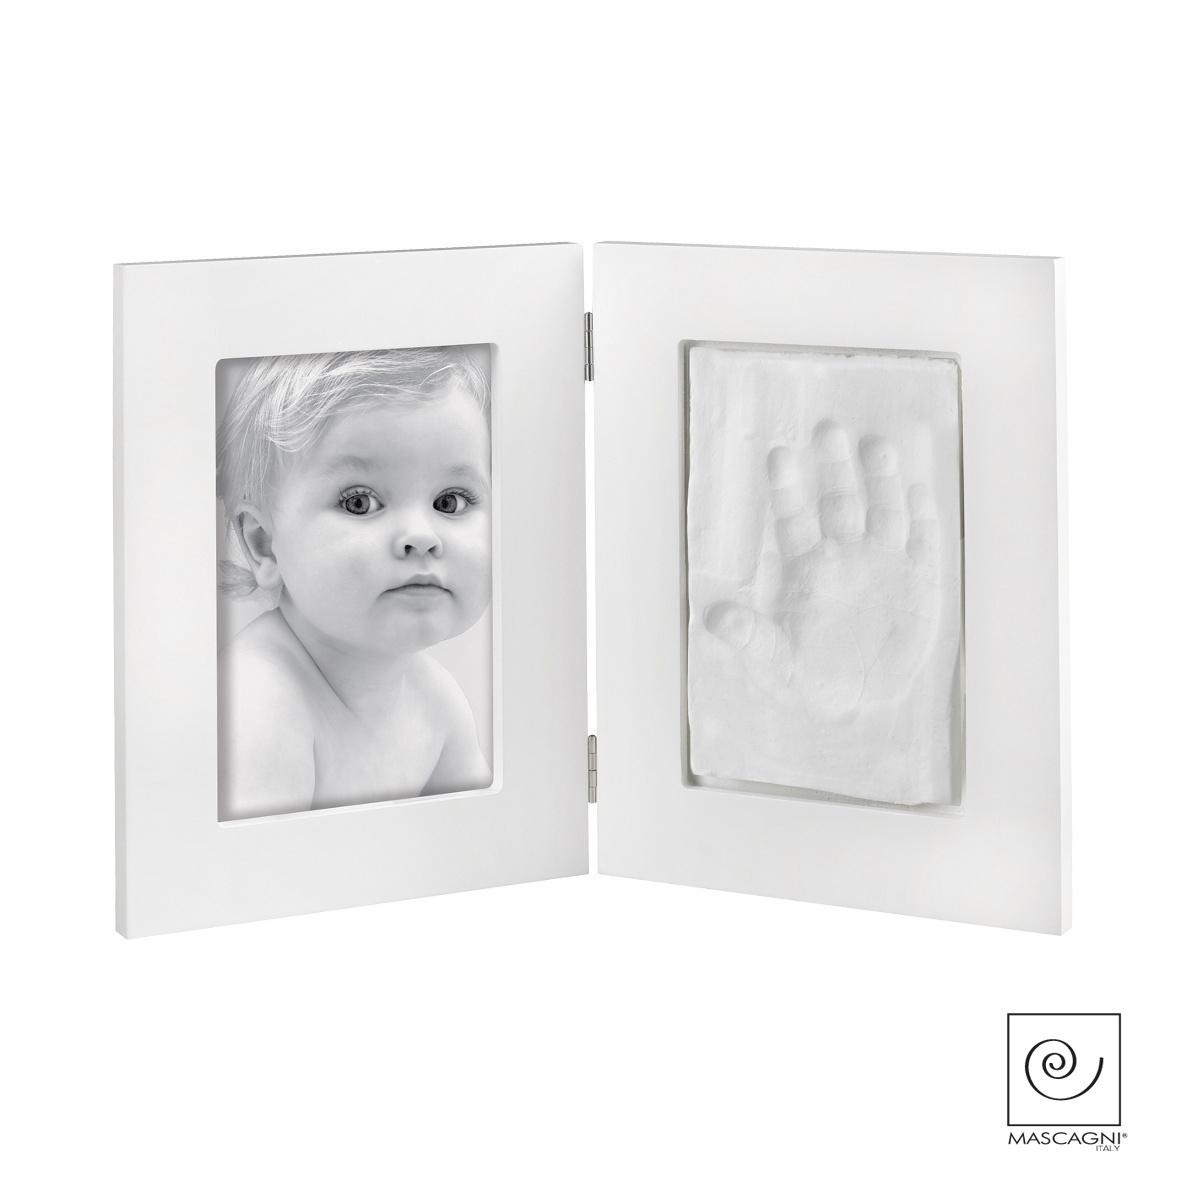 Art Mascagni A689 PHOTO FRAME 13X18 - COL. WHITE